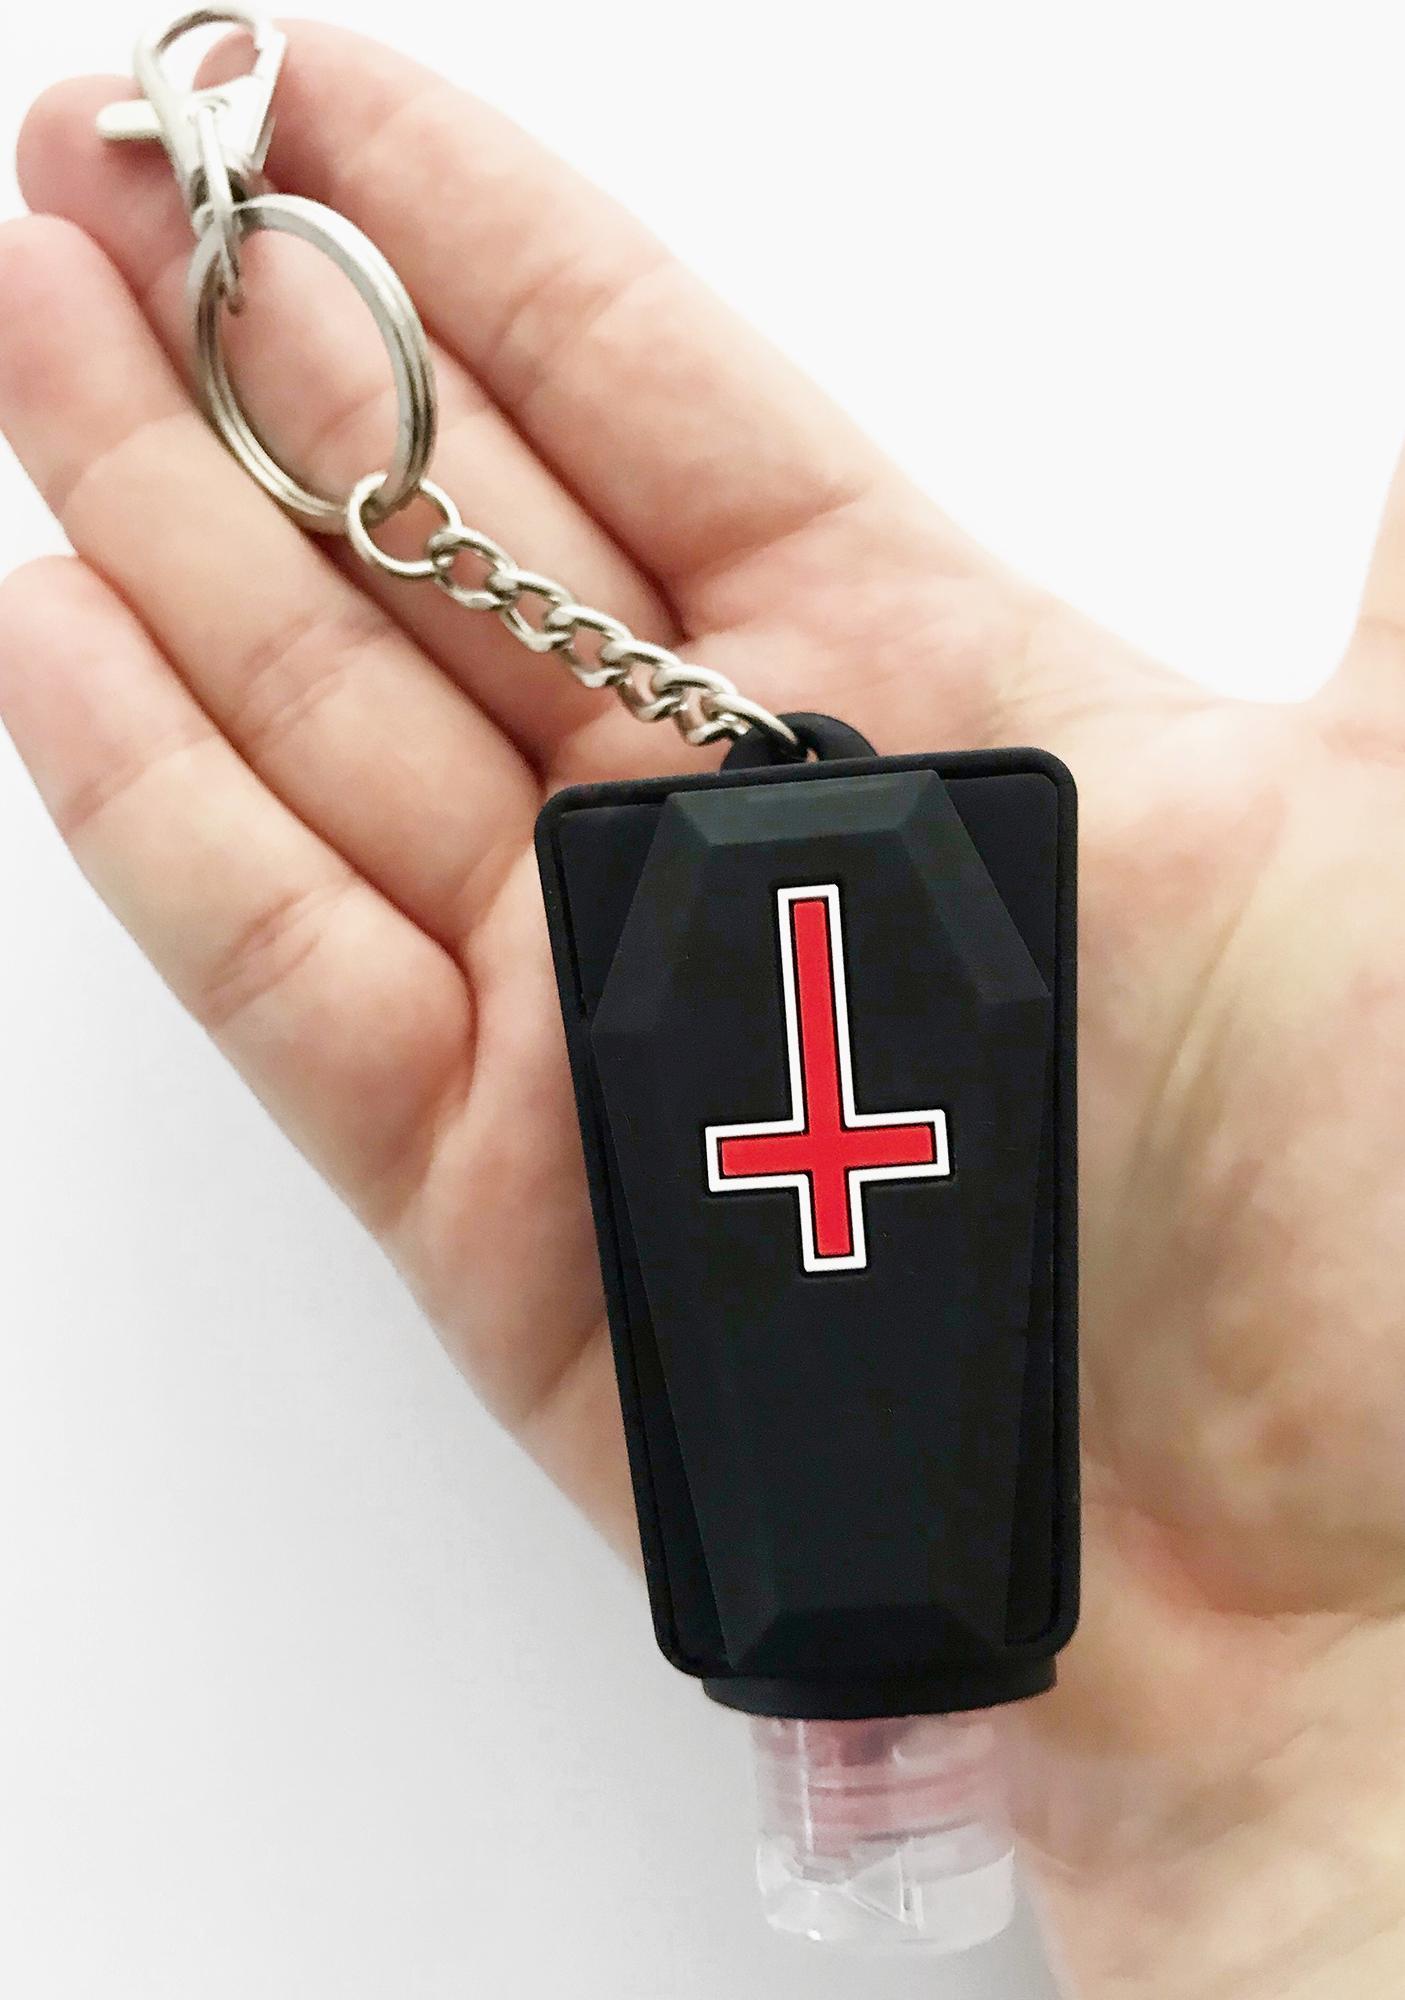 Memento Mori Goods Satanic Hand Sanitizer Keychain